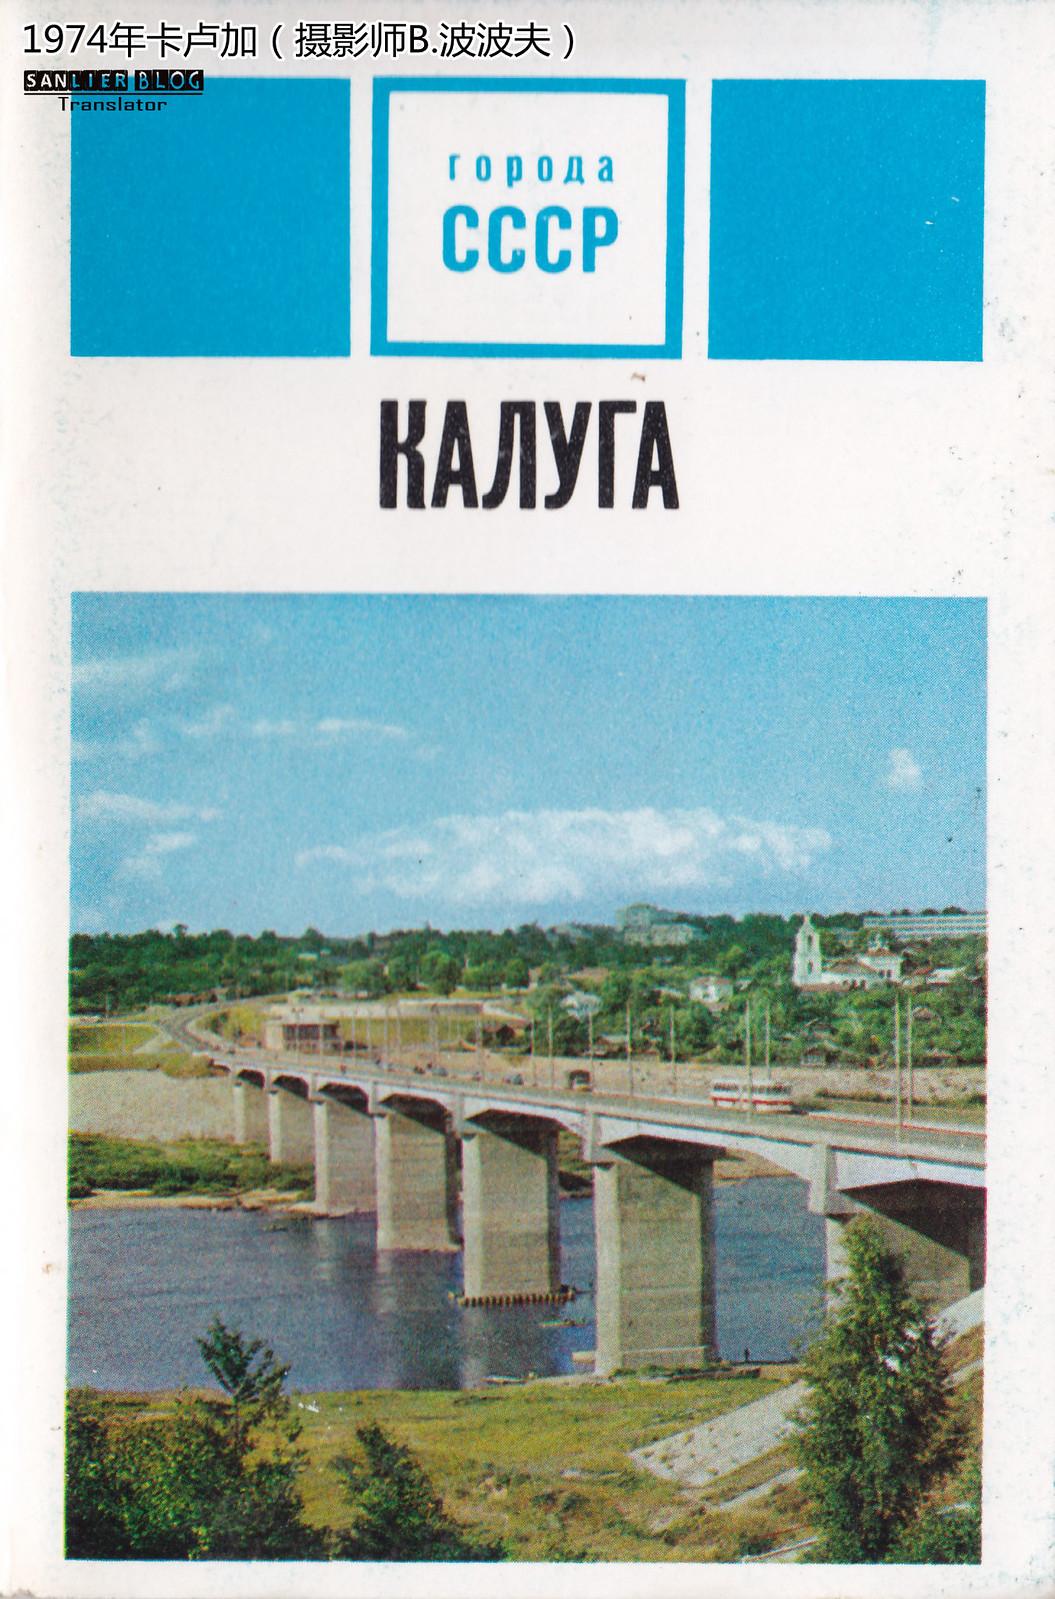 1970-1980年代卡卢加52